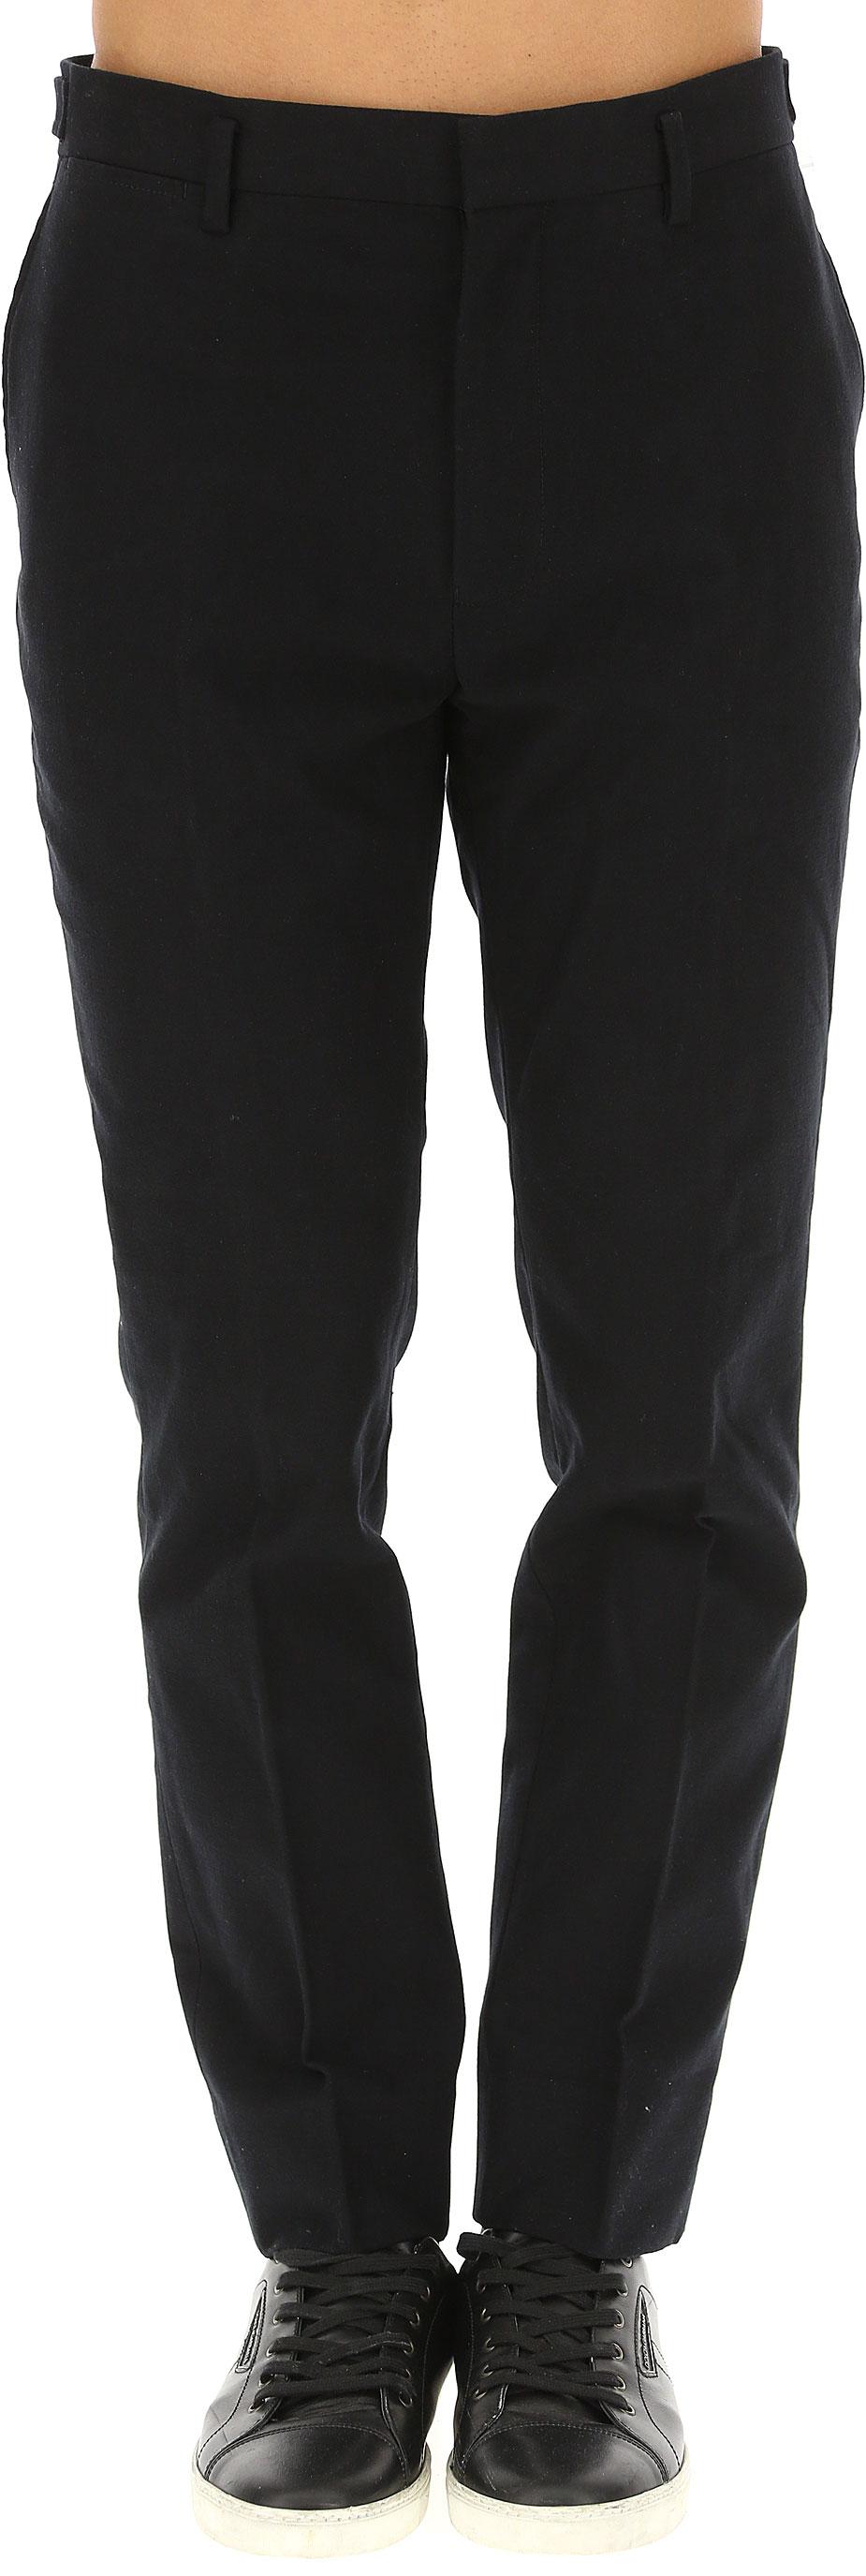 Abbigliamento Uomo Marc Jacobs, Codice Articolo: m4004925--